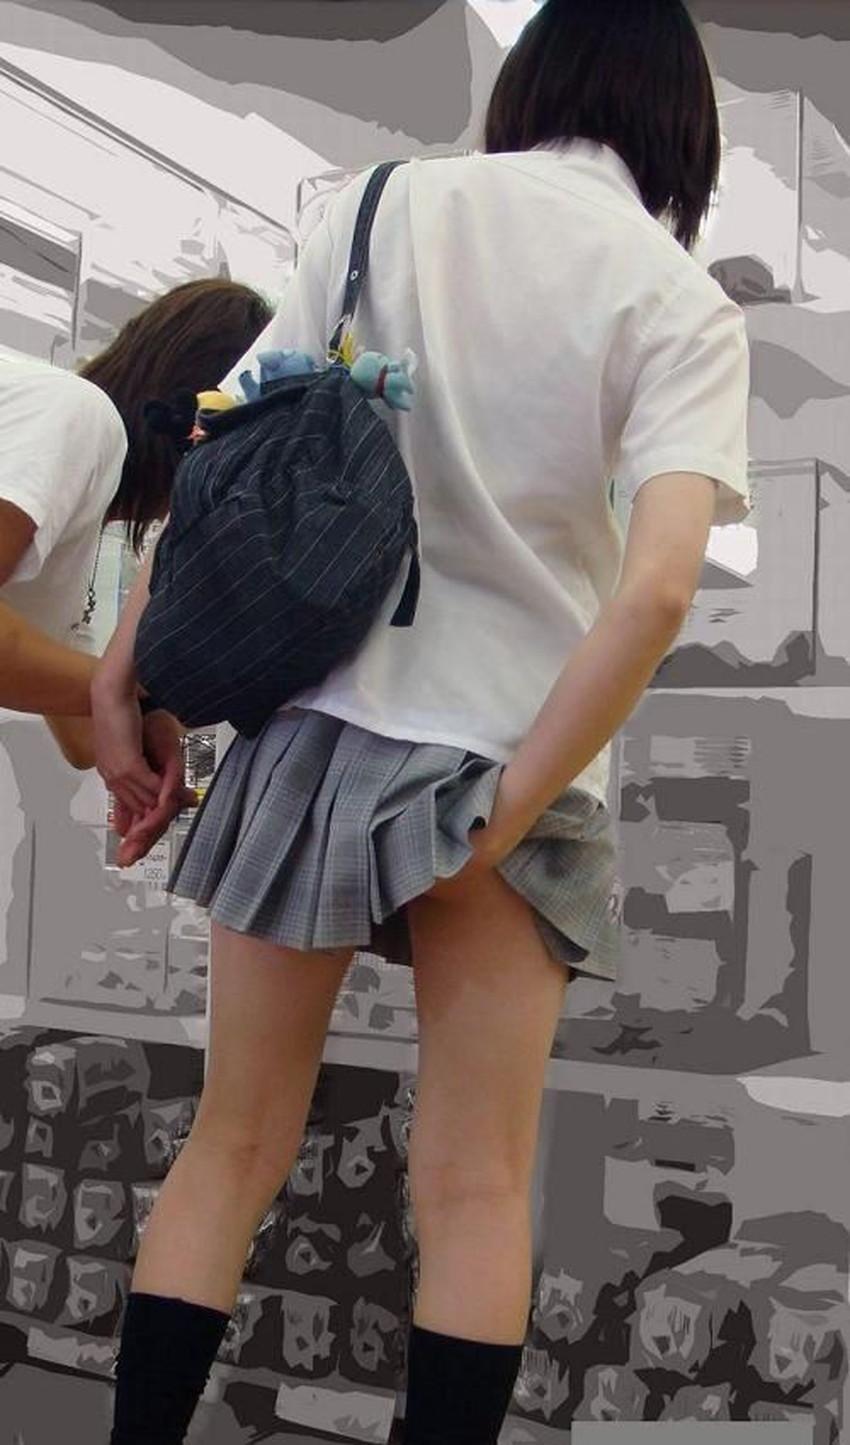 【パンツ食い込み直しエロ画像】街中でミニスカギャルや制服JKがパンツの食い込みを直す瞬間を盗撮したったパンツ食い込み直しのエロ画像集!ww【80枚】 74